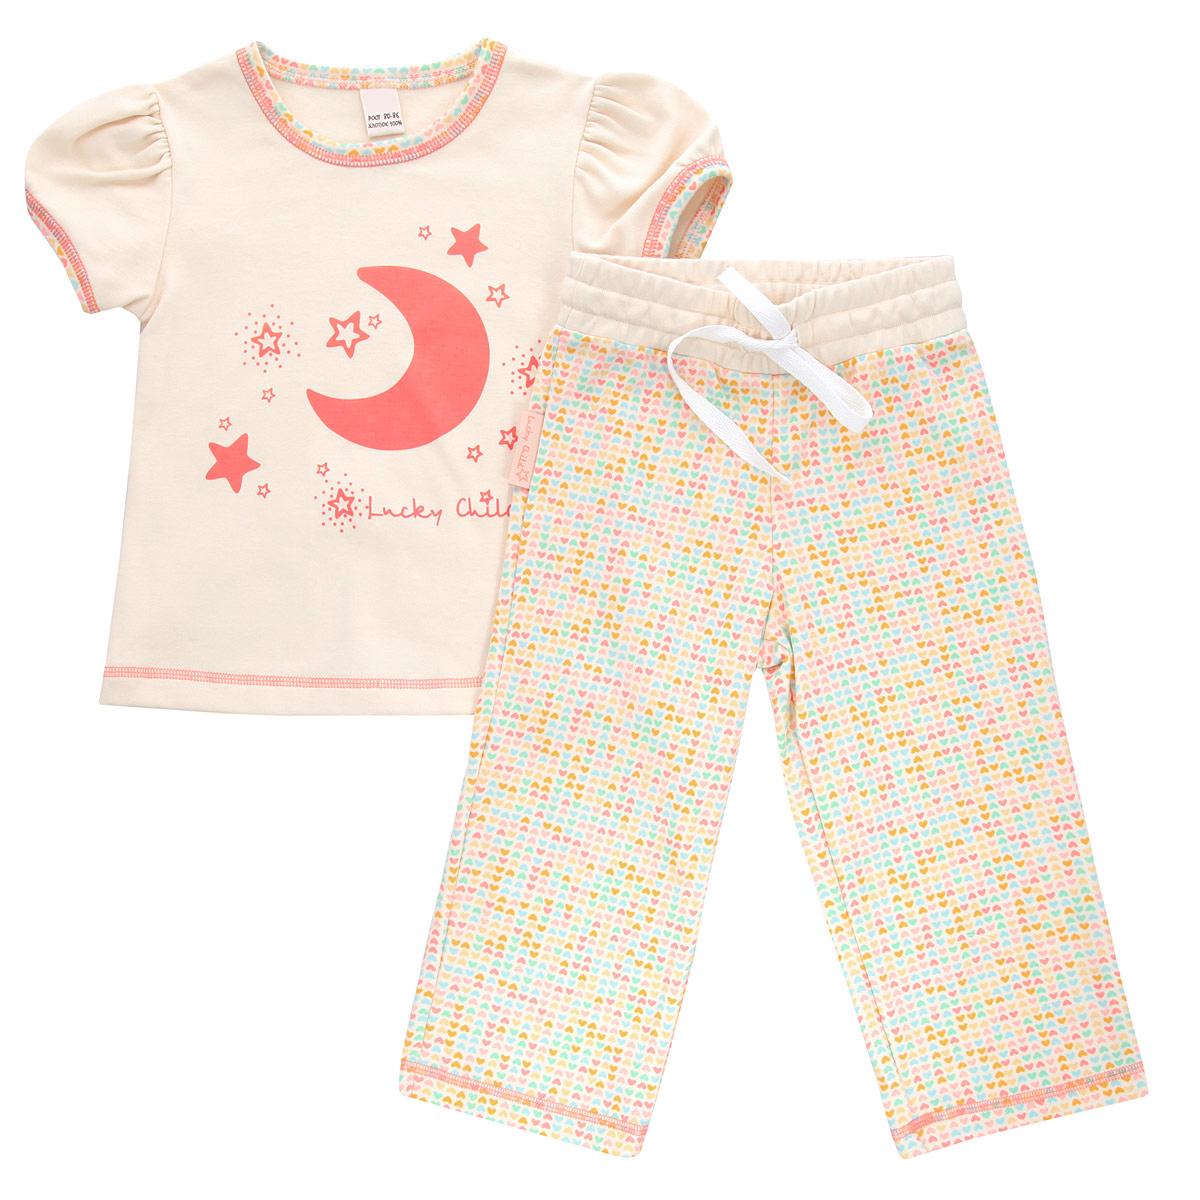 Пижама для девочки Lucky Child, цвет: кремовый, желтый, оранжевый. 12-402. Размер 80/8612-402Очаровательная пижама для девочки Lucky Child, состоящая из футболки и брюк, идеально подойдет вашей дочурке и станет отличным дополнением к детскому гардеробу. Изготовленная из натурального хлопка - интерлока, она необычайно мягкая и приятная на ощупь, не раздражает нежную кожу ребенка и хорошо вентилируется, а эластичные швы приятны телу и не препятствуют его движениям.Футболка трапециевидного кроя с короткими рукавами-фонариками и круглым вырезом горловины оформлена спереди оригинальной термоаппликацией в виде месяца, а также изображением звездочек и названием бренда. Горловина и рукава оформлены принтом с мелким изображением сердечек. Низ изделия оформлен контрастной фигурной прострочкой. Брюки прямого кроя на талии имеют широкий эластичный пояс со шнурком, благодаря чему они не сдавливают животик ребенка и не сползают. Оформлены брюки принтом с мелким изображением сердечек по всей поверхности. Низ брючин оформлен контрастной фигурной прострочкой. Такая пижама идеально подойдет вашей дочурке, а мягкие полотна позволят ей комфортно чувствовать себя во время сна!